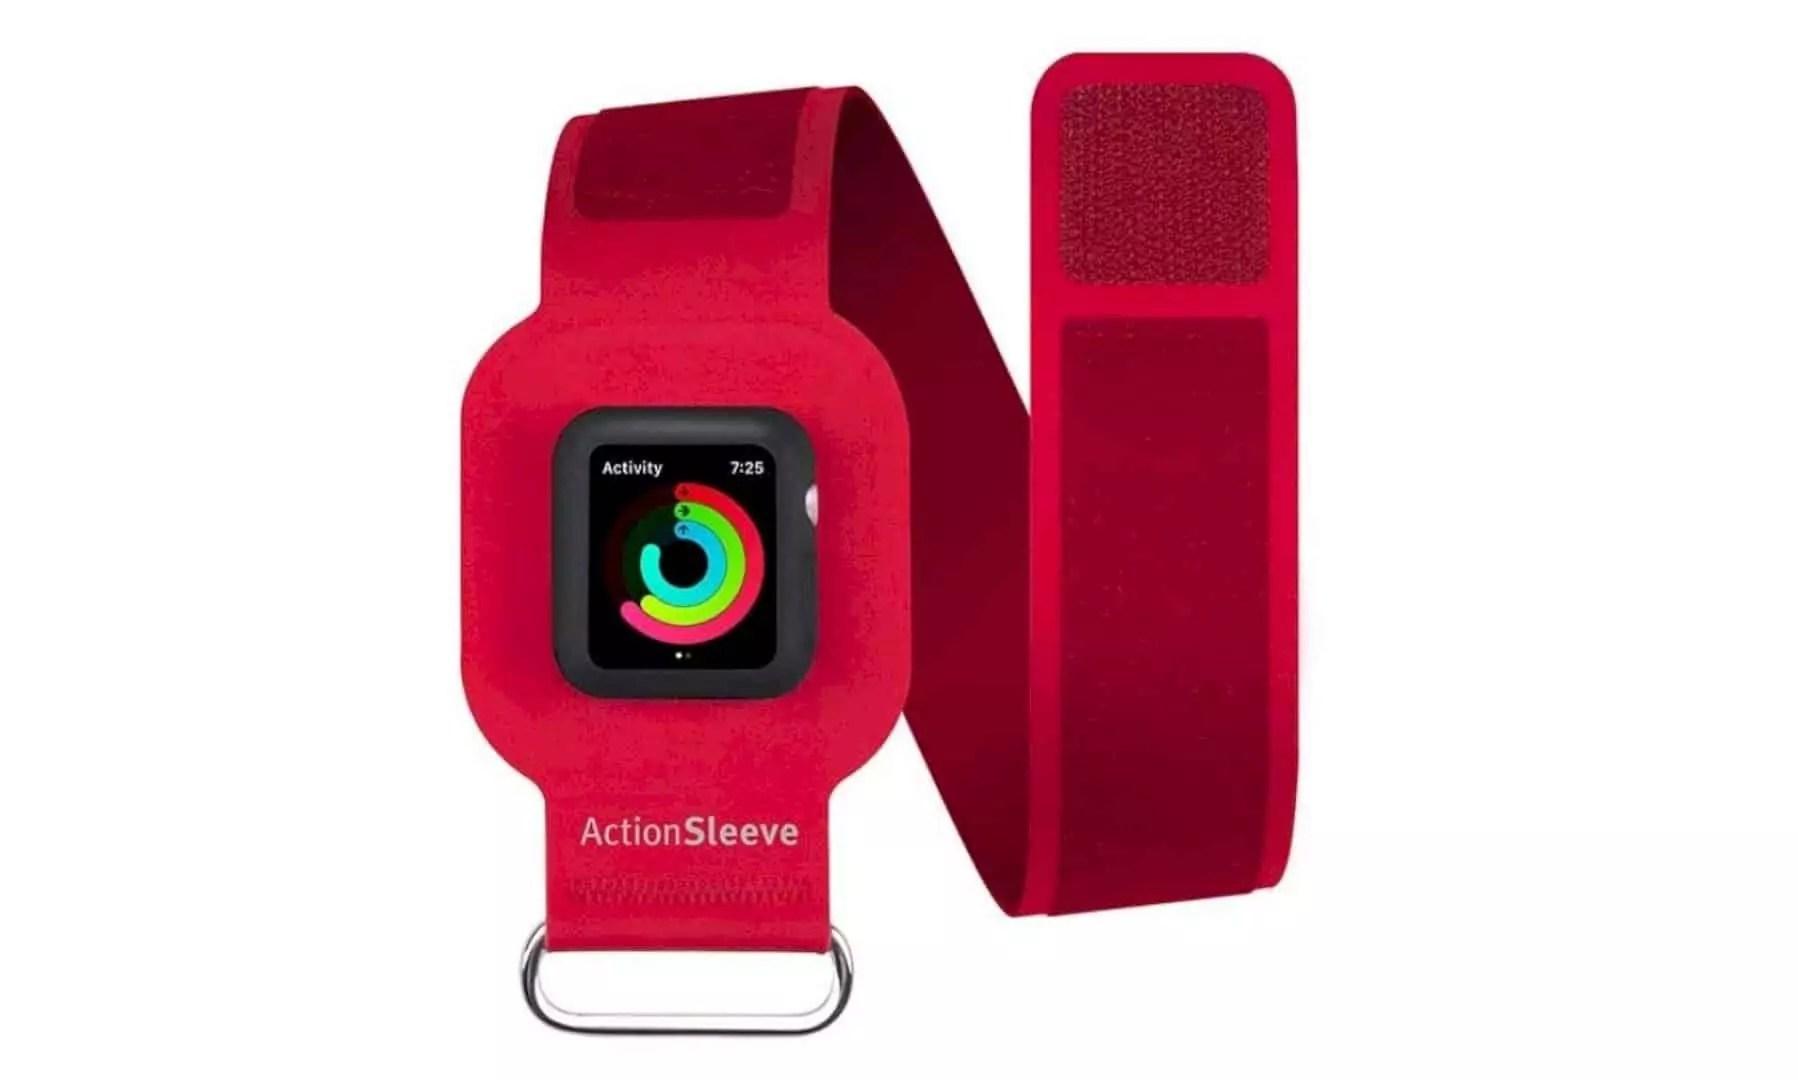 ActionSleeve Armband 2